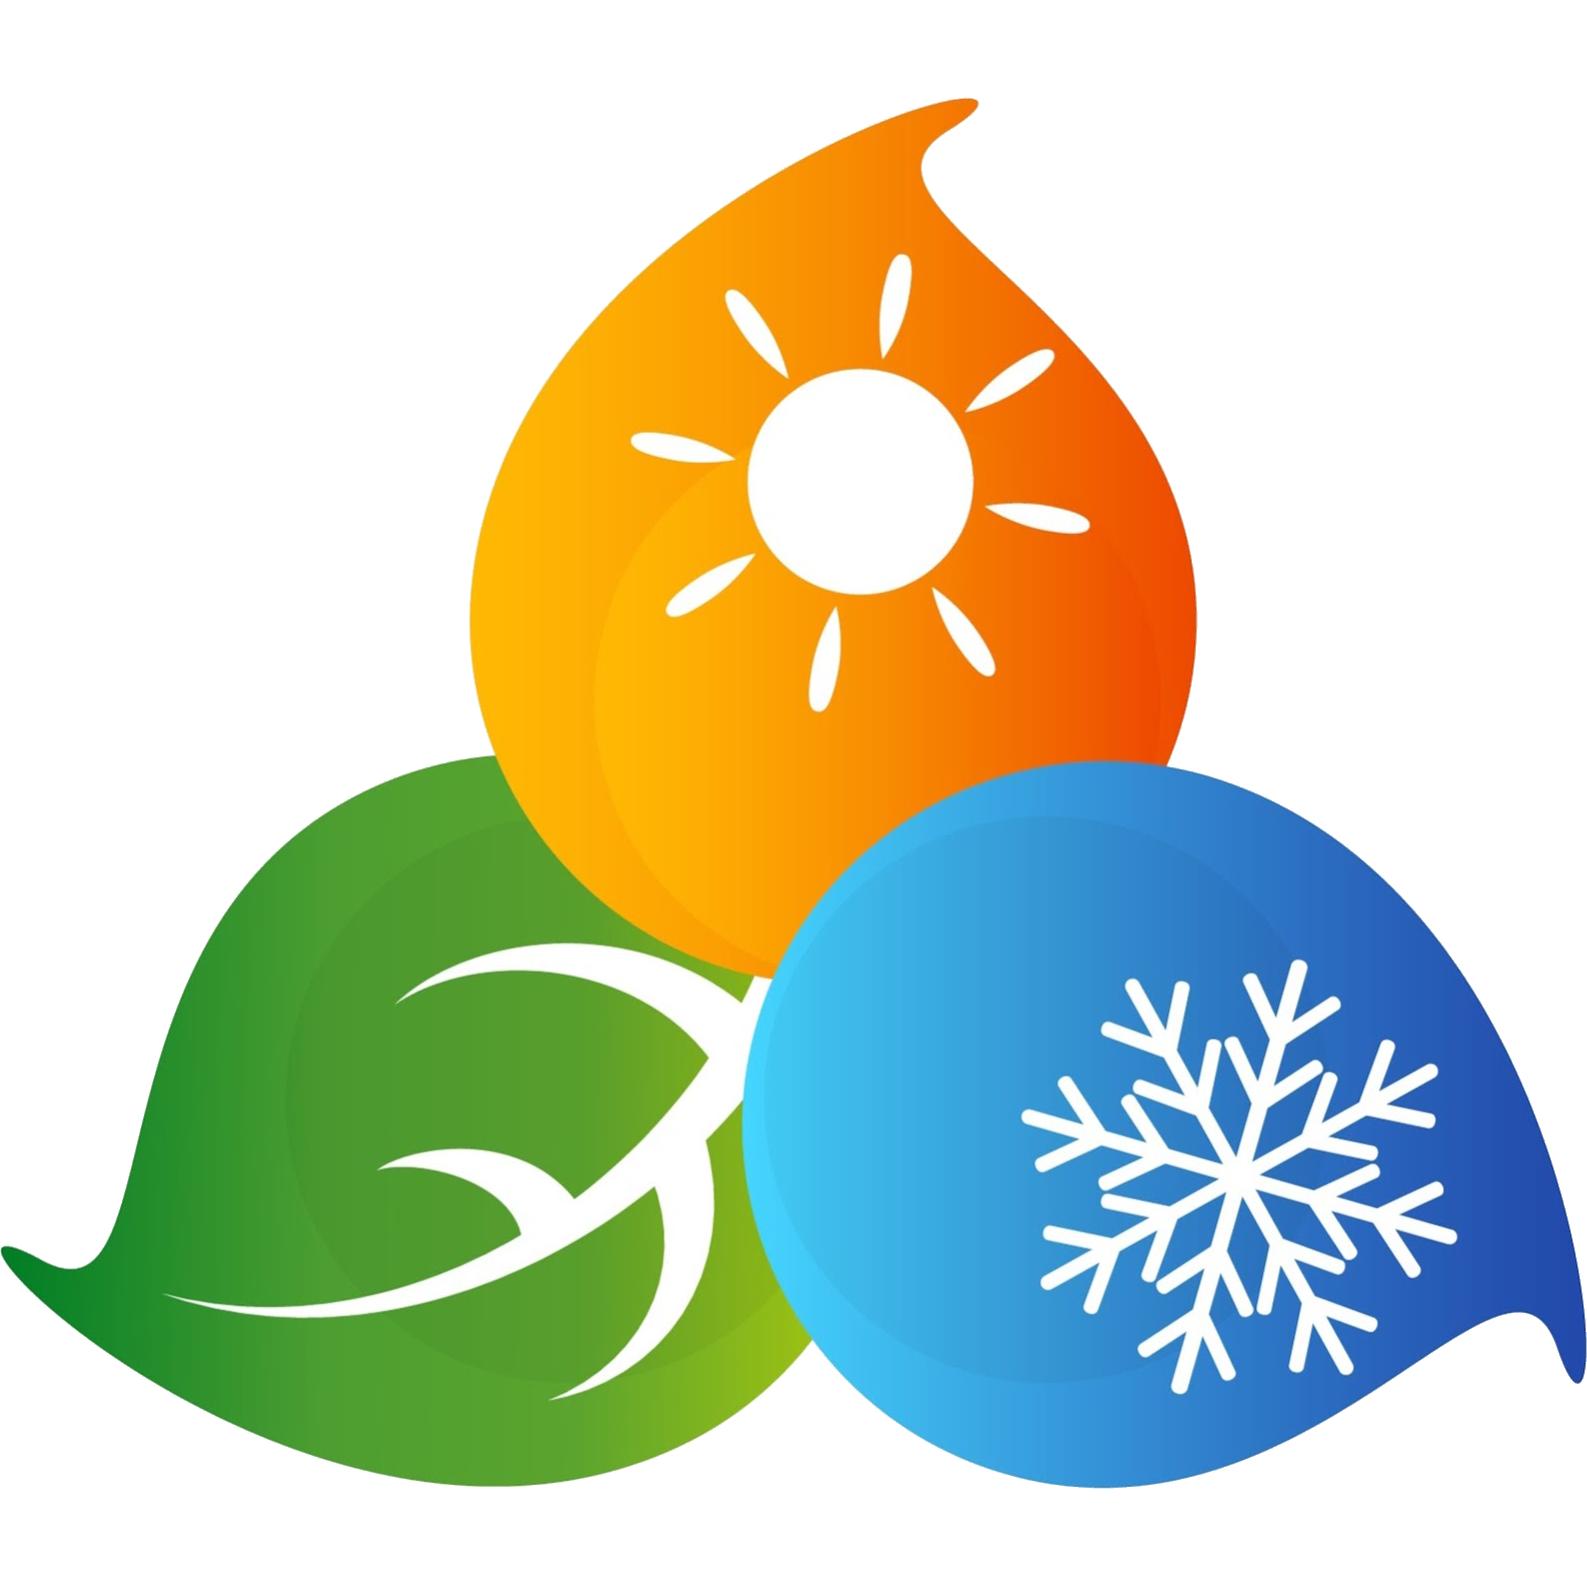 Vaillant ecoTEC plus VHR 30-34 /5-5 CW5 met gratis thermostaat